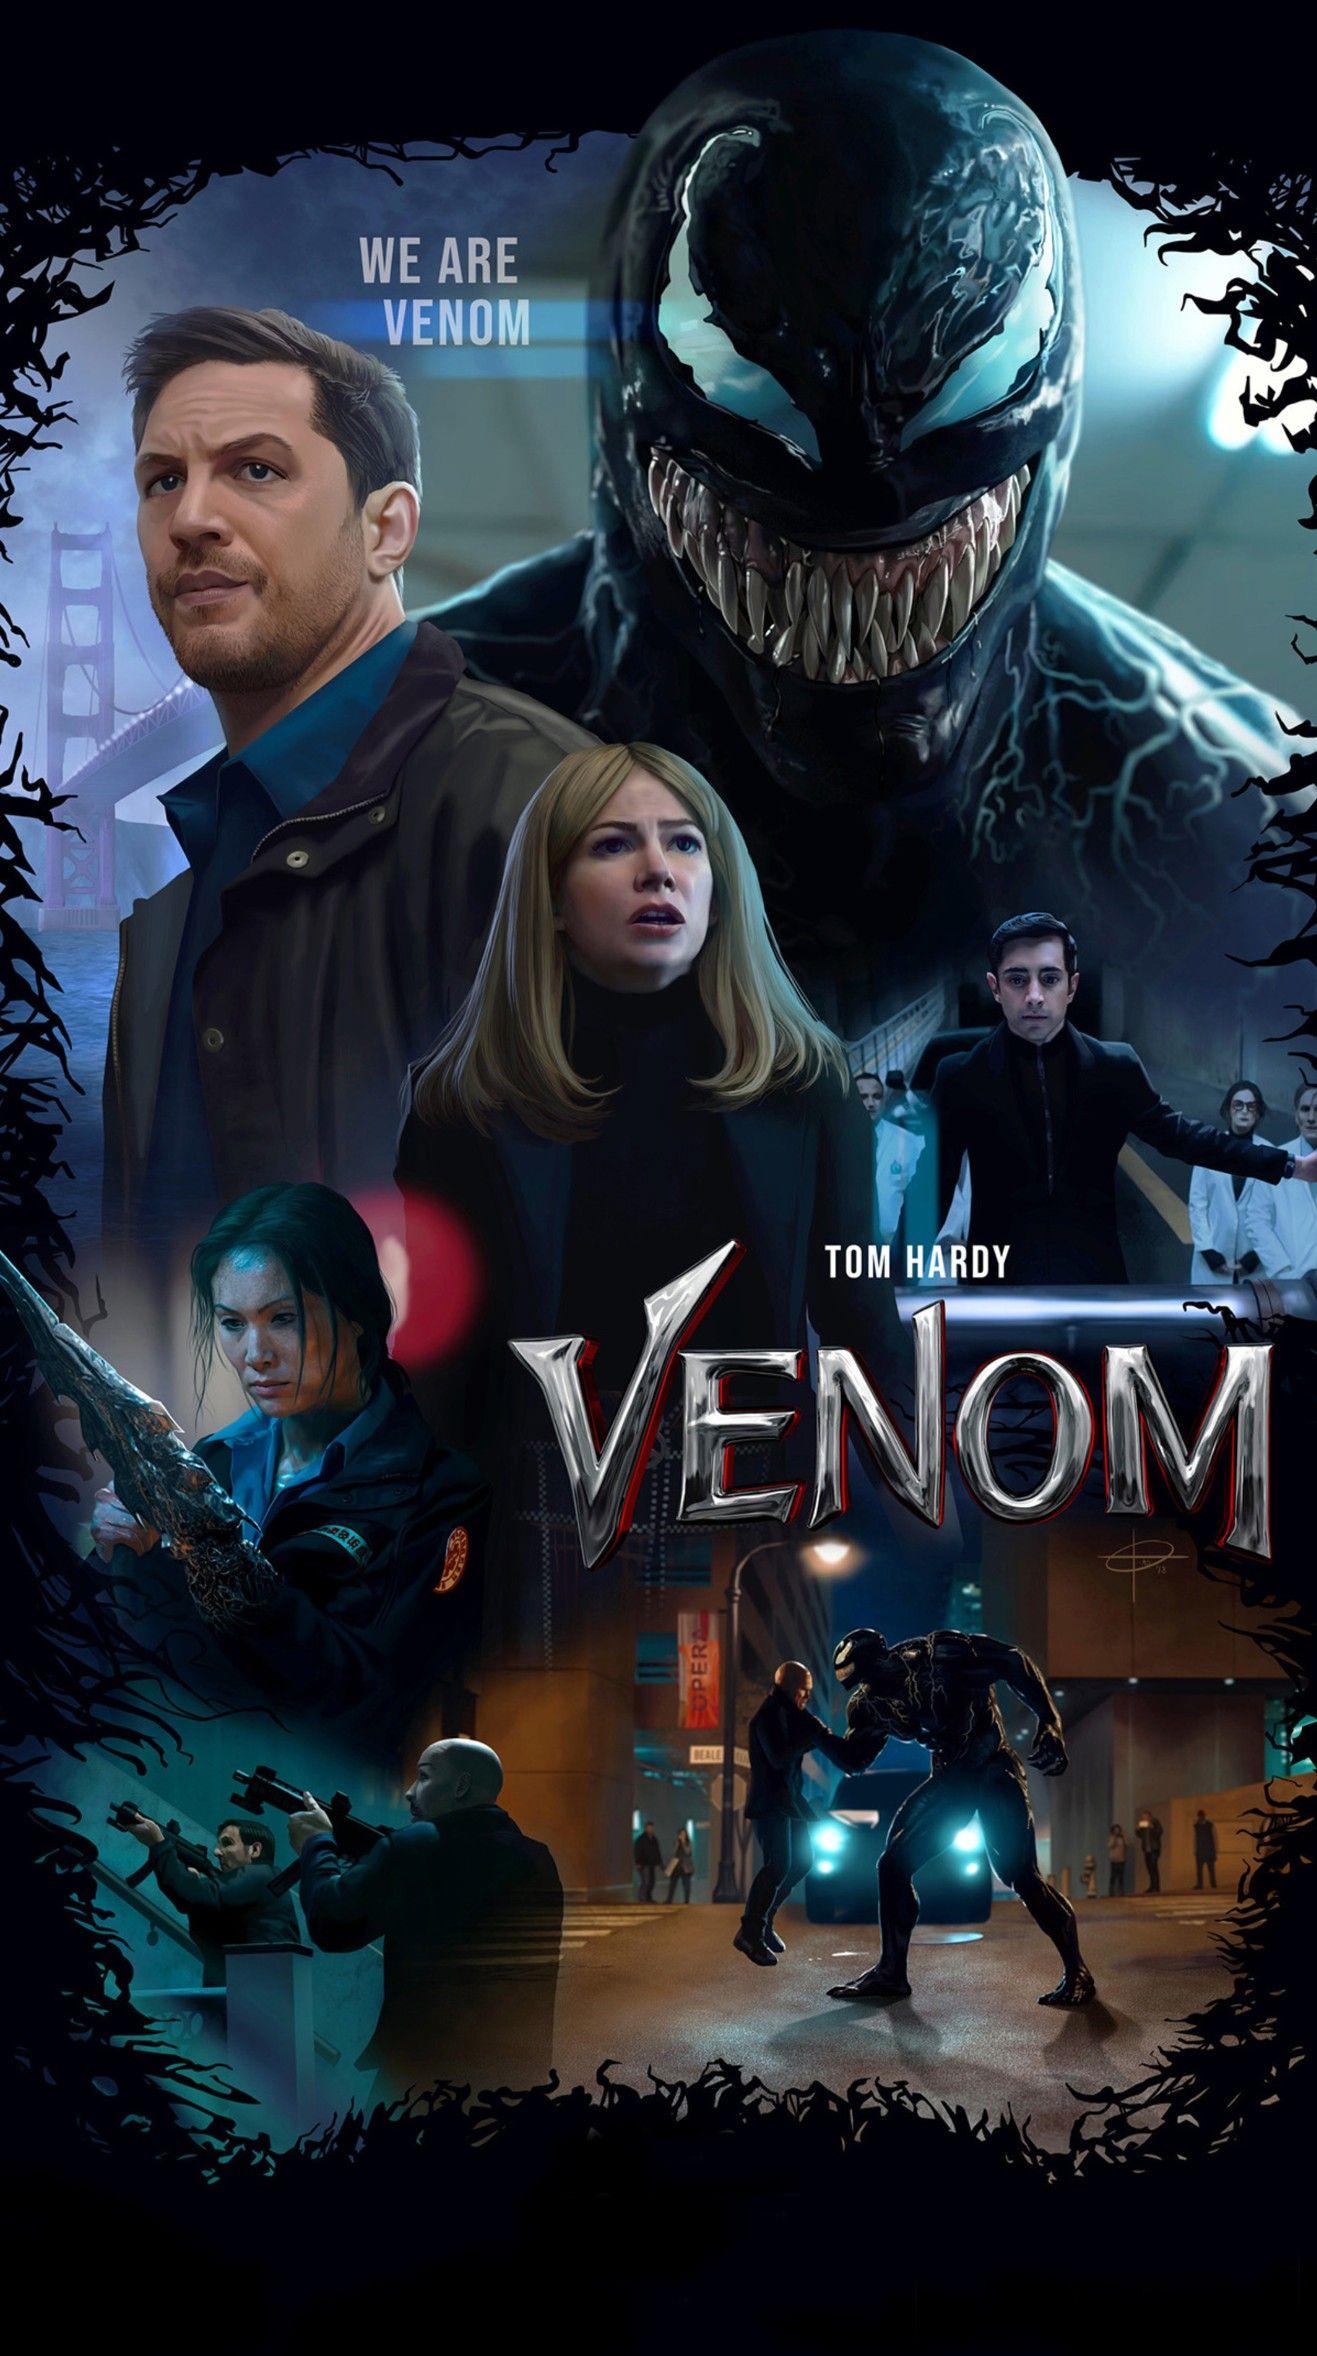 Pin by Miyett on Spidey   Venom movie, Marvel venom, Venom